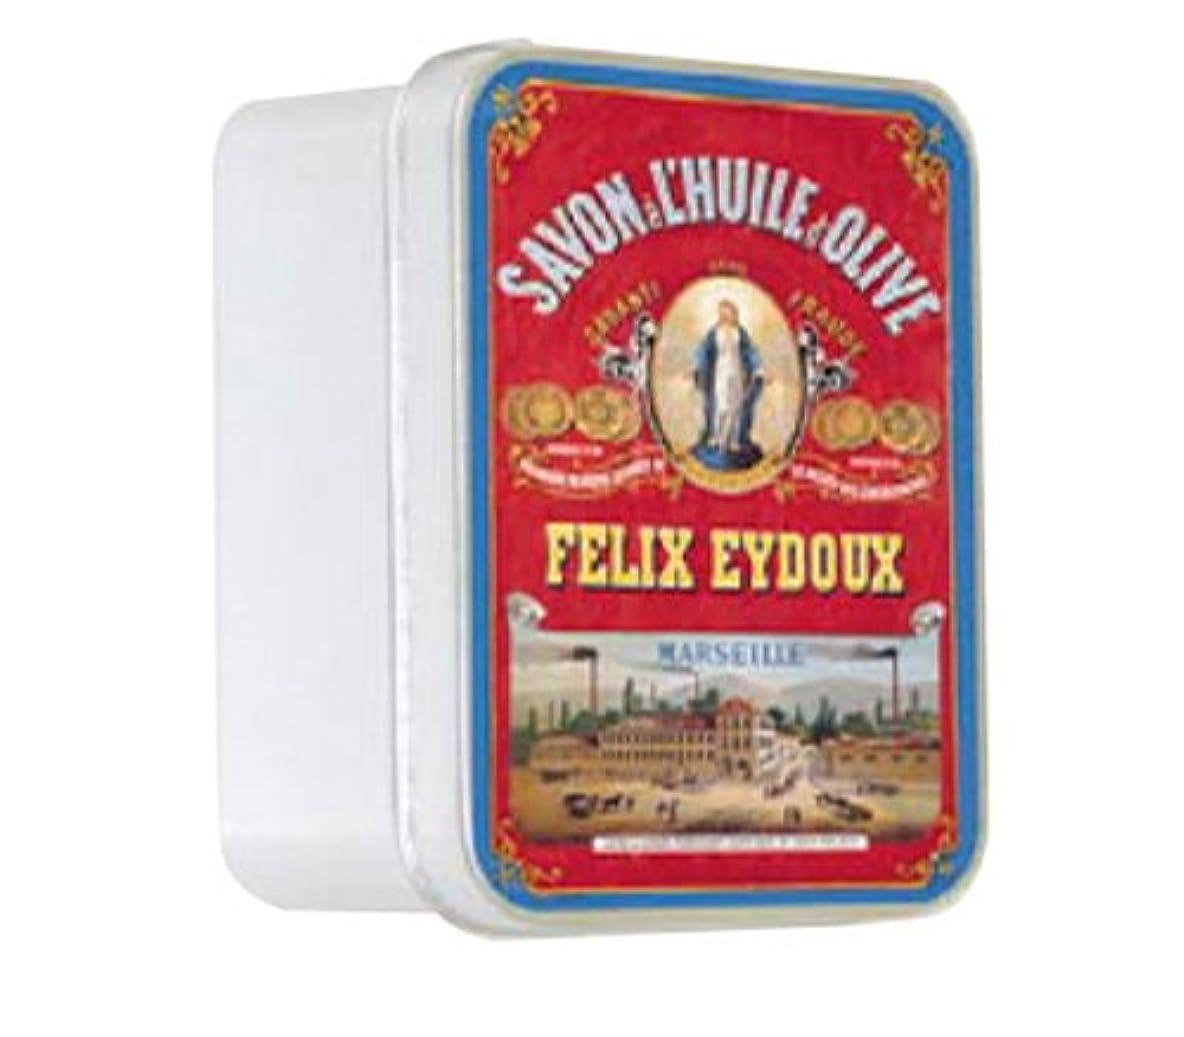 伝統的腹部アンプルブランソープ メタルボックス(マルセイユソープ?オリーブの香り)石鹸